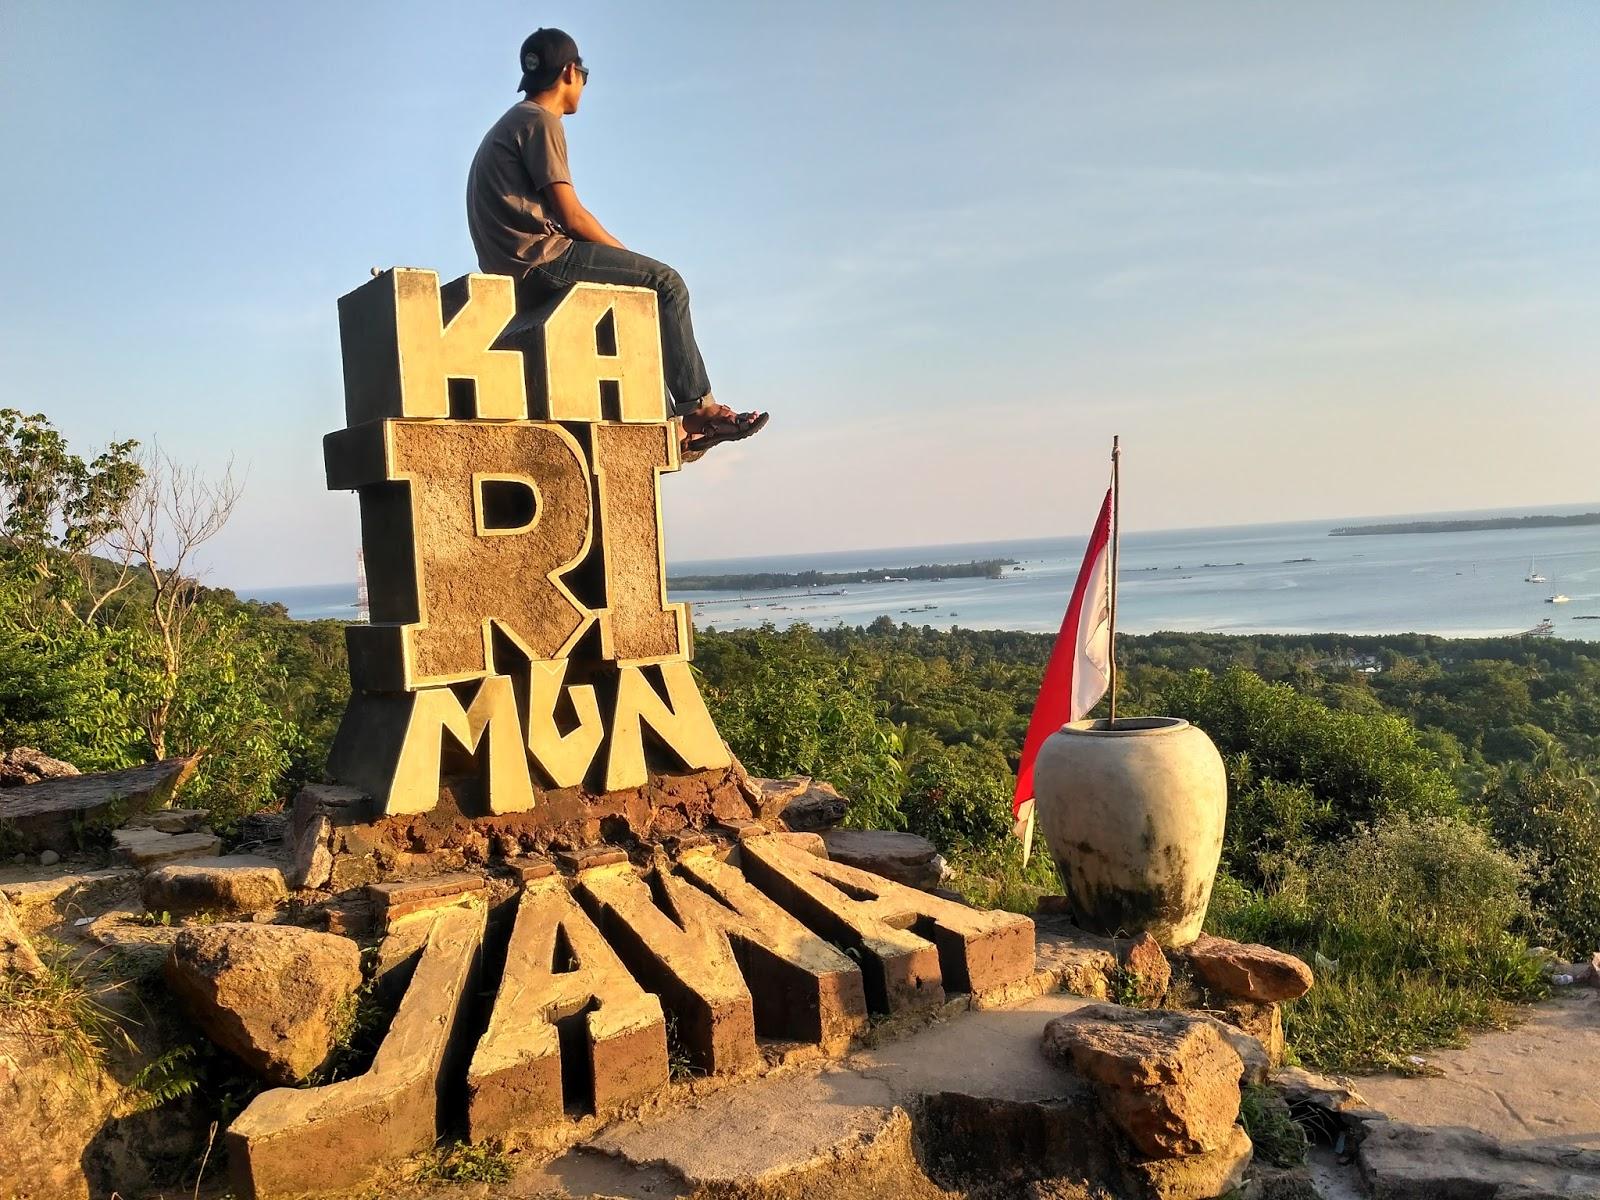 6 Tempat Wisata Karimunjawa Yang Wajib Untuk Kamu Kunjungi Ardini